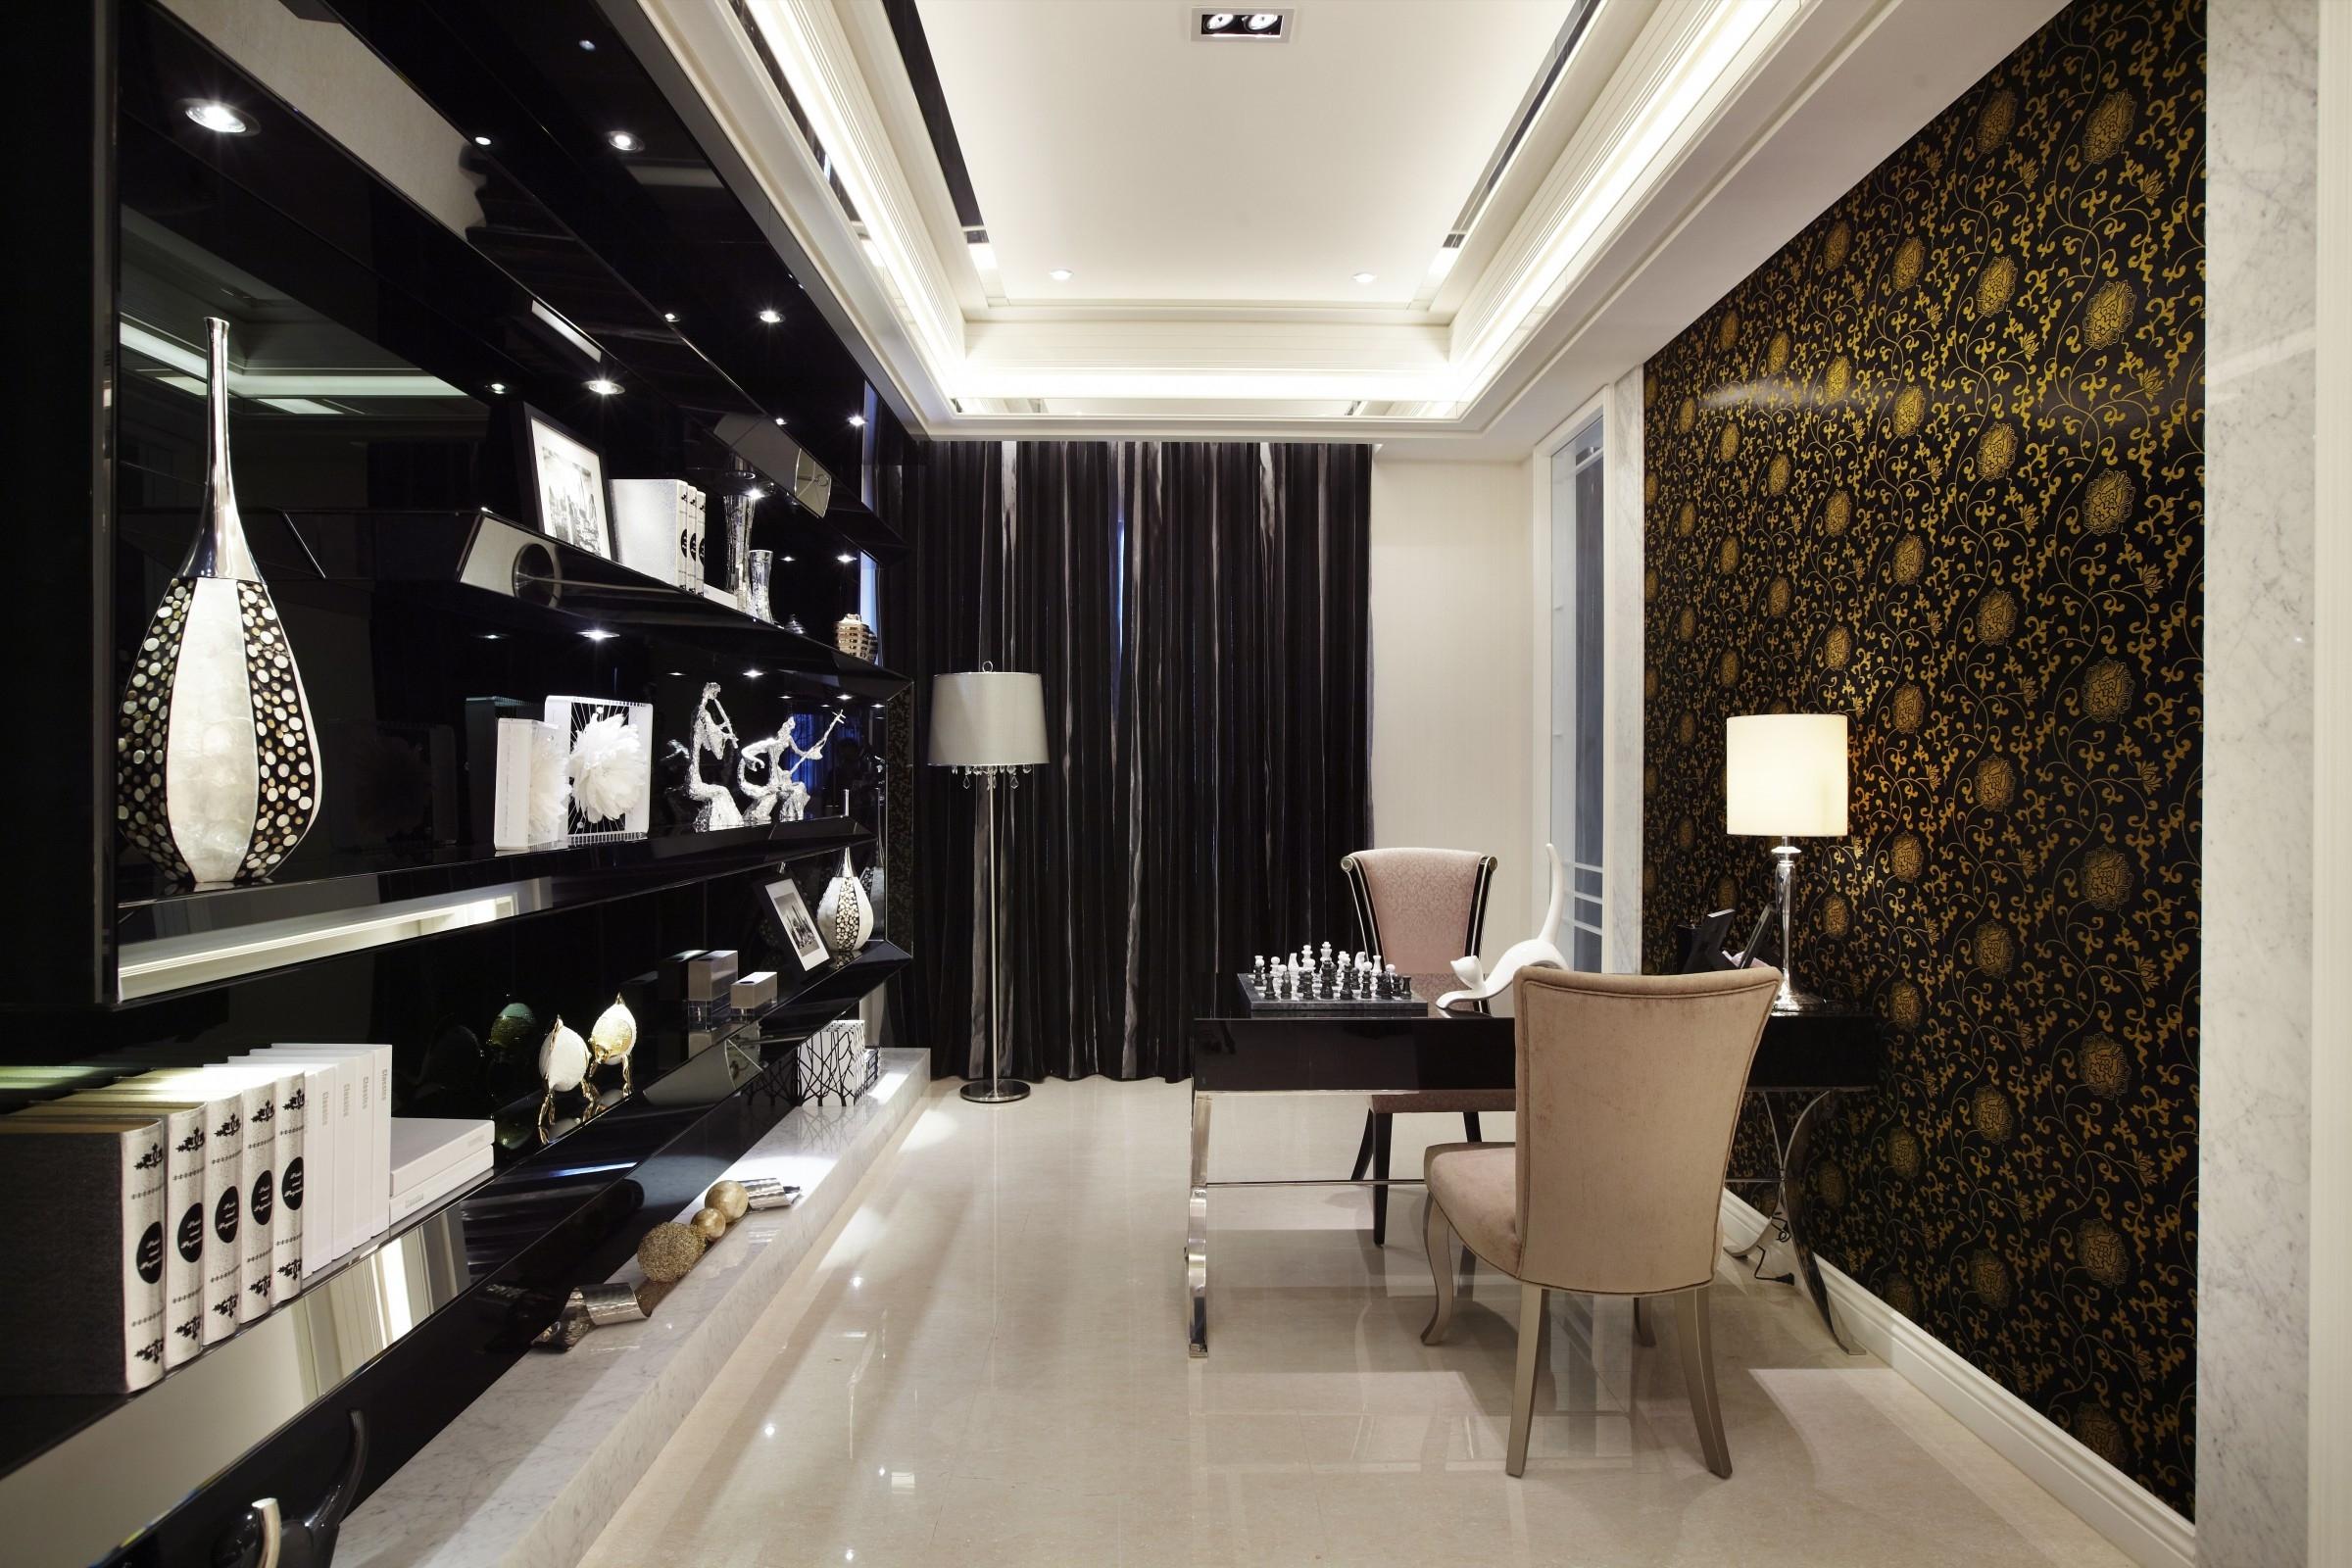 混搭 别墅 白领 收纳 旧房改造 80后 小资 书房图片来自北京紫禁尚品国际装饰kangshuai在鲁能泰山7号别墅的分享